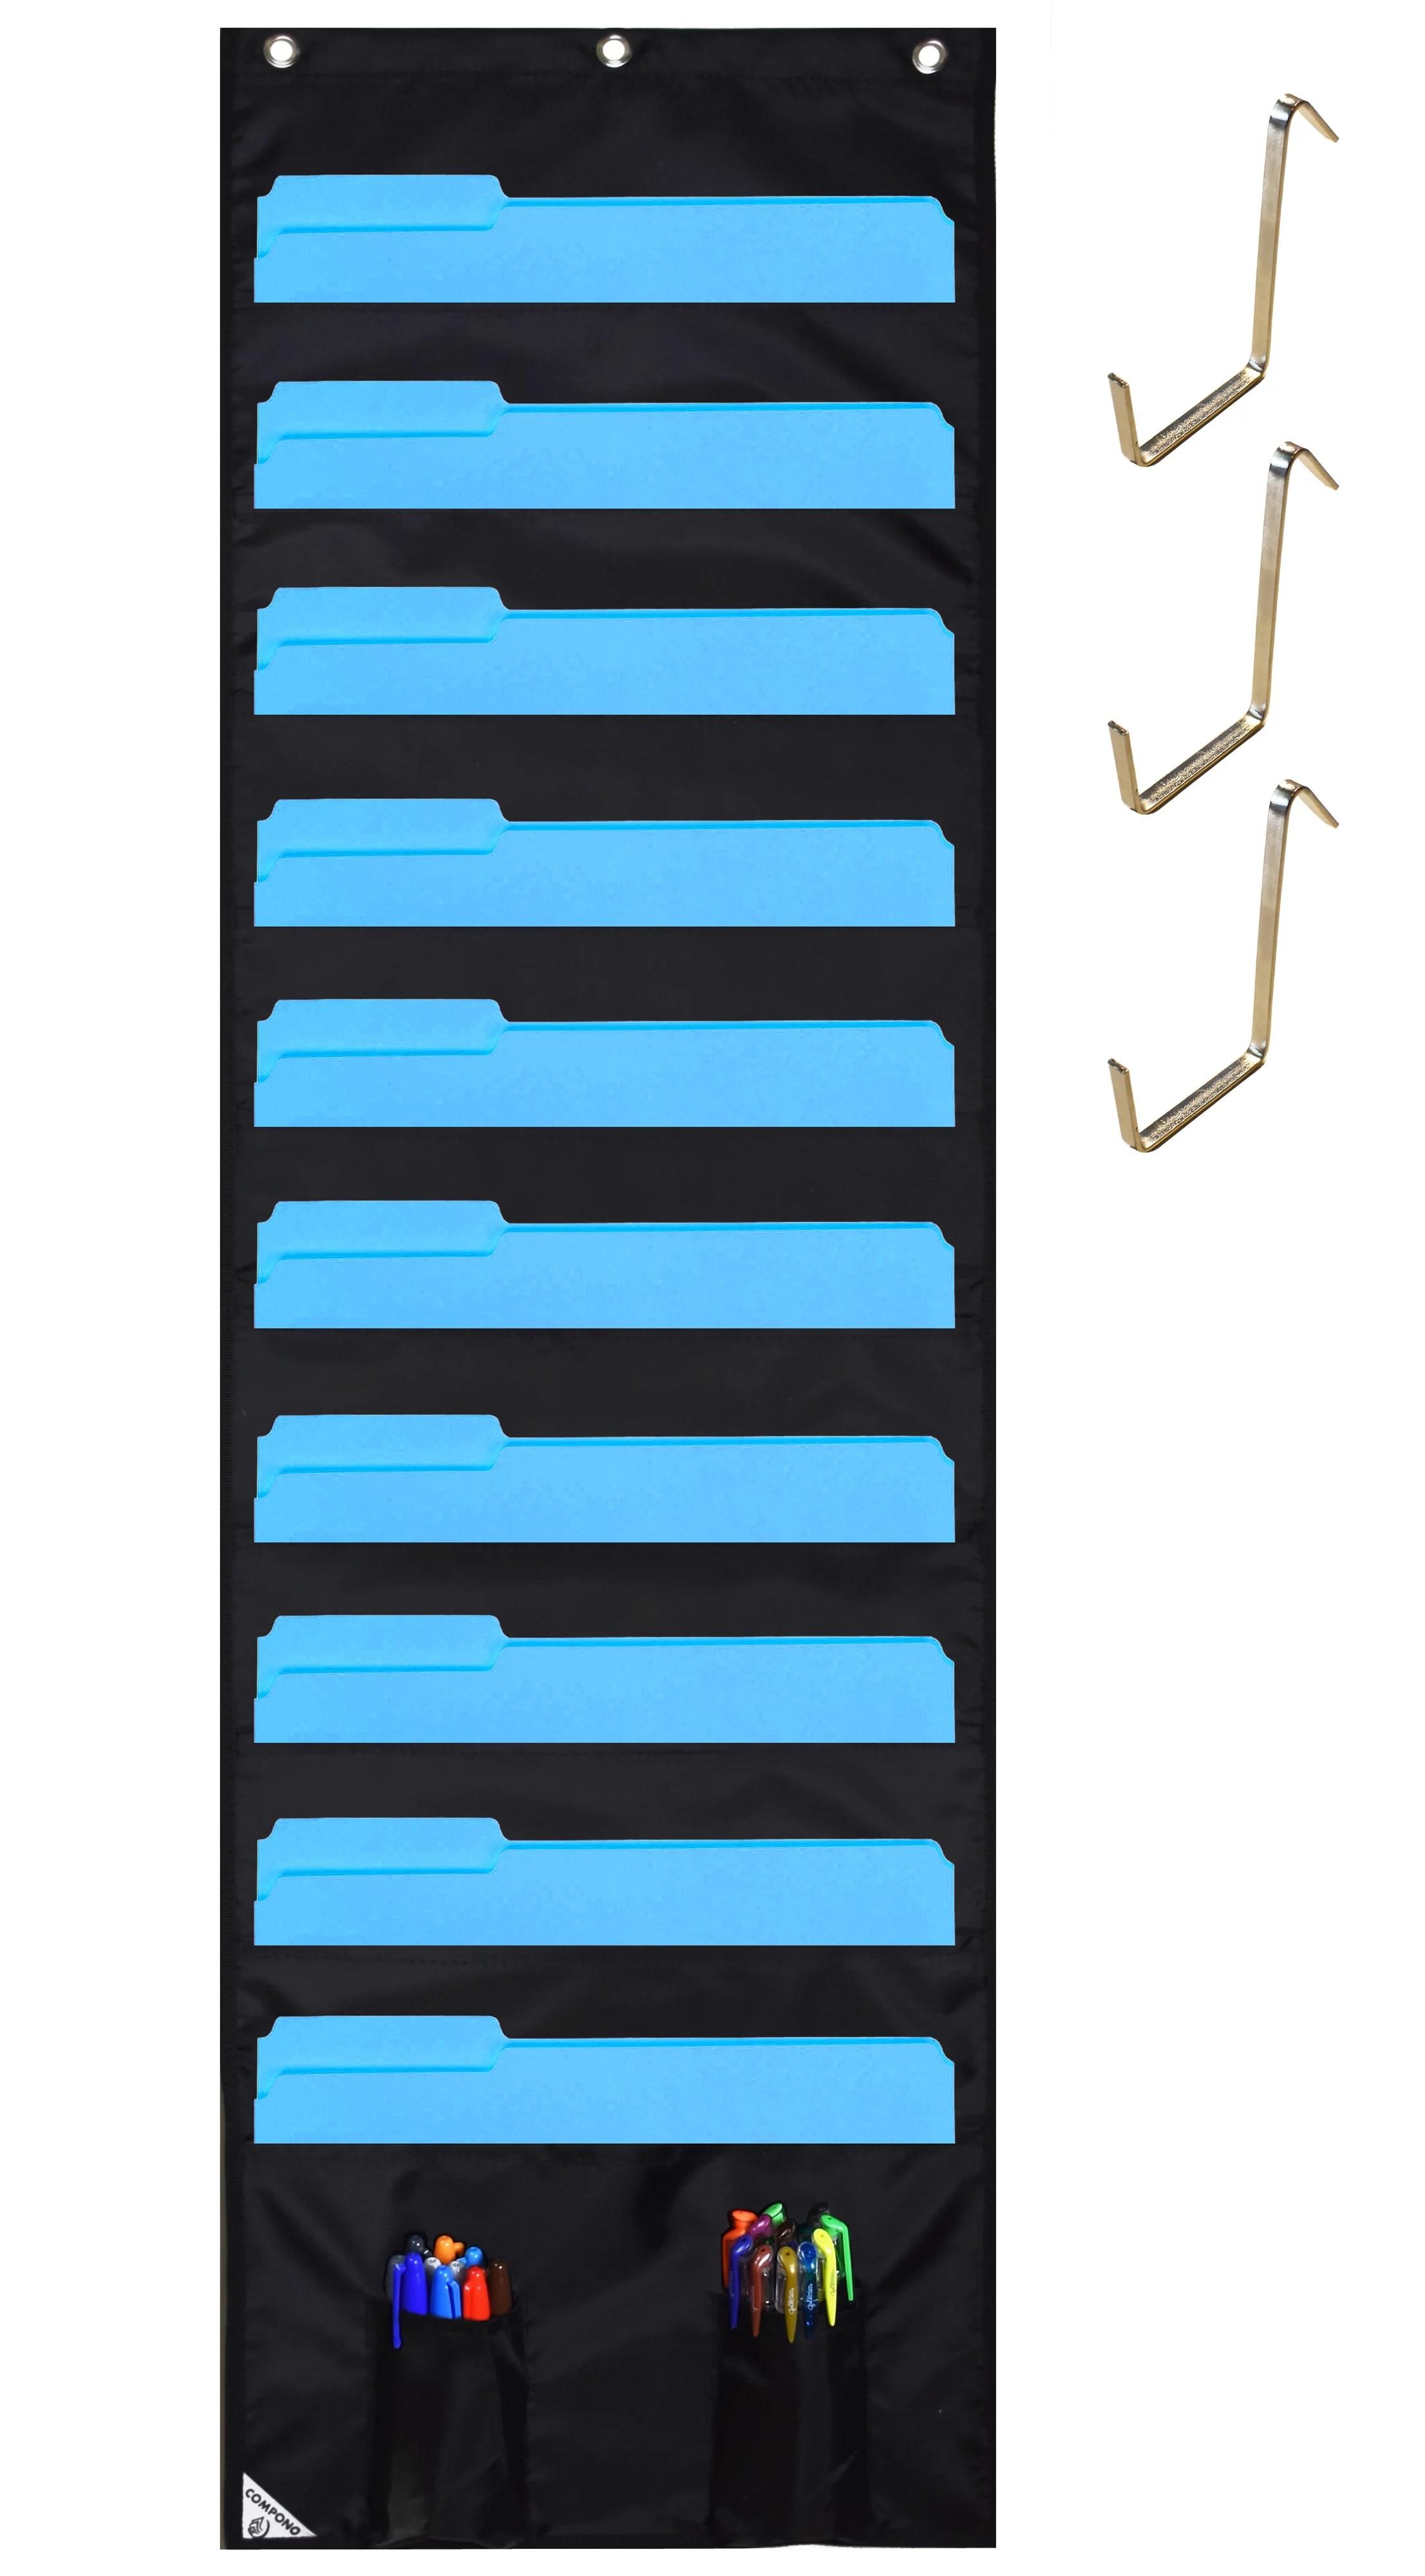 Compono wall storage pocket chart file organizer with free bonus door hangers best also rh walmart